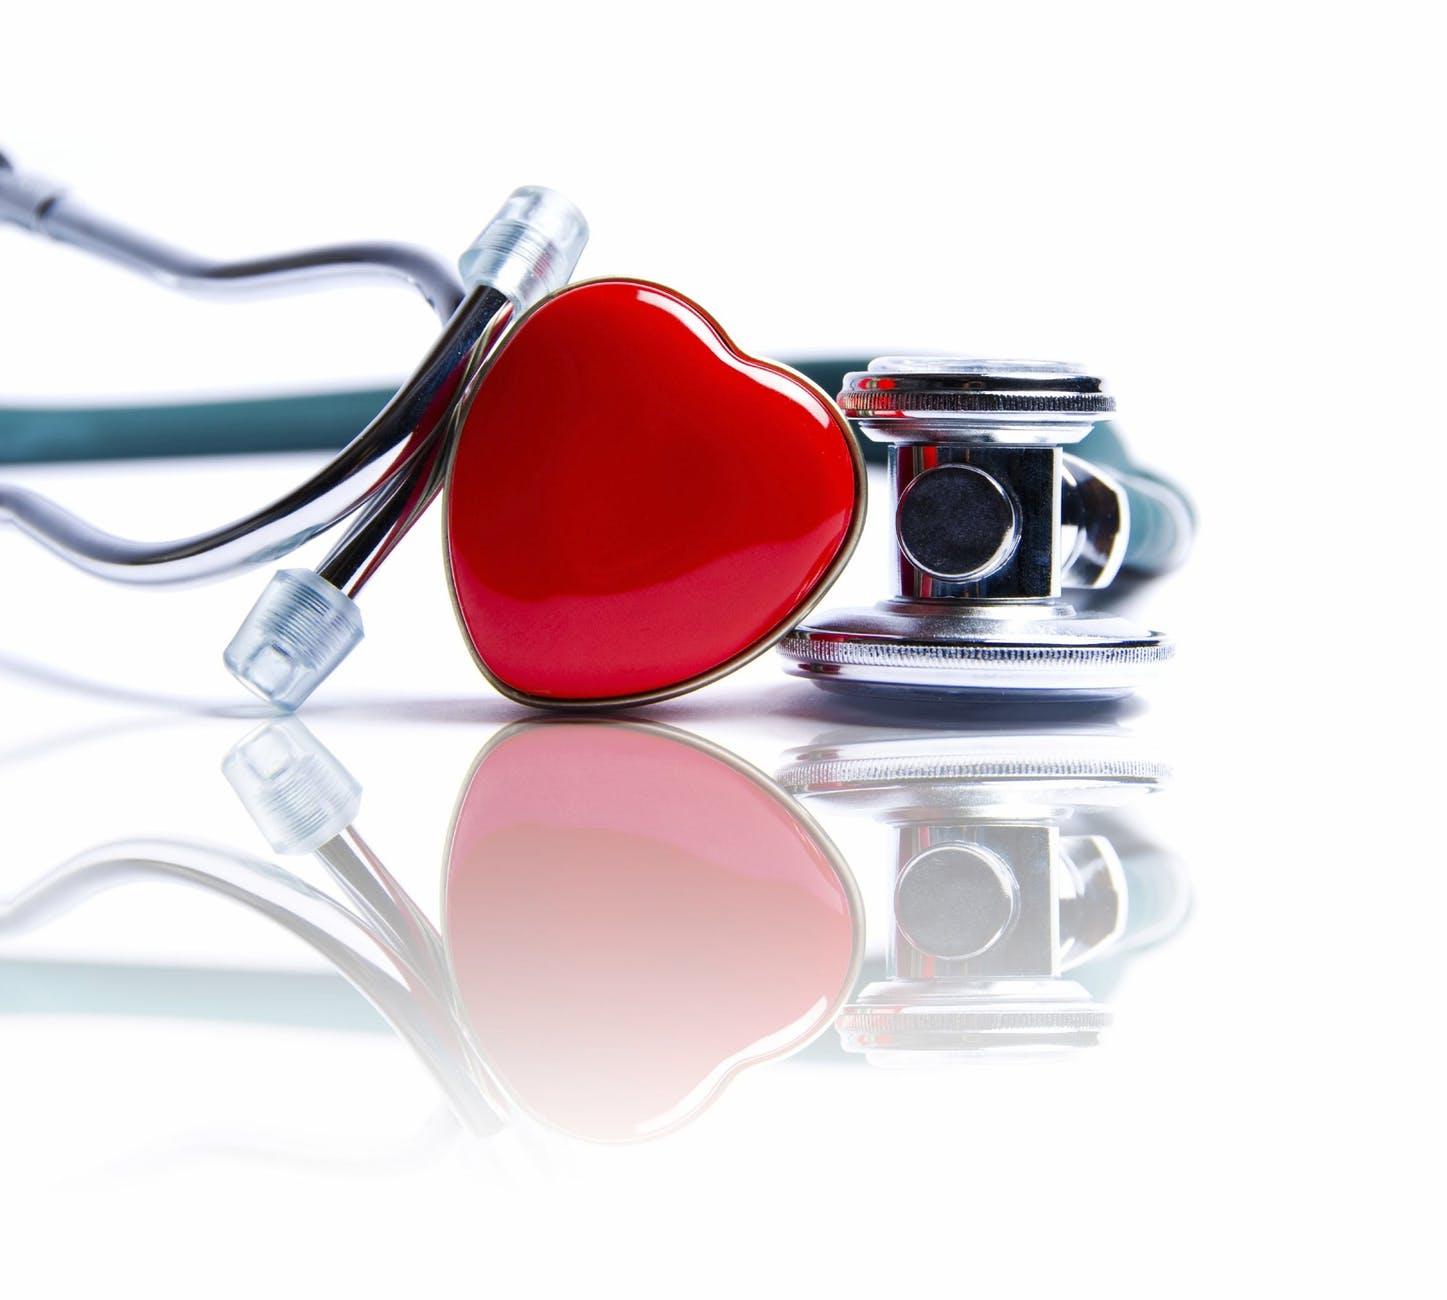 Heart disease1